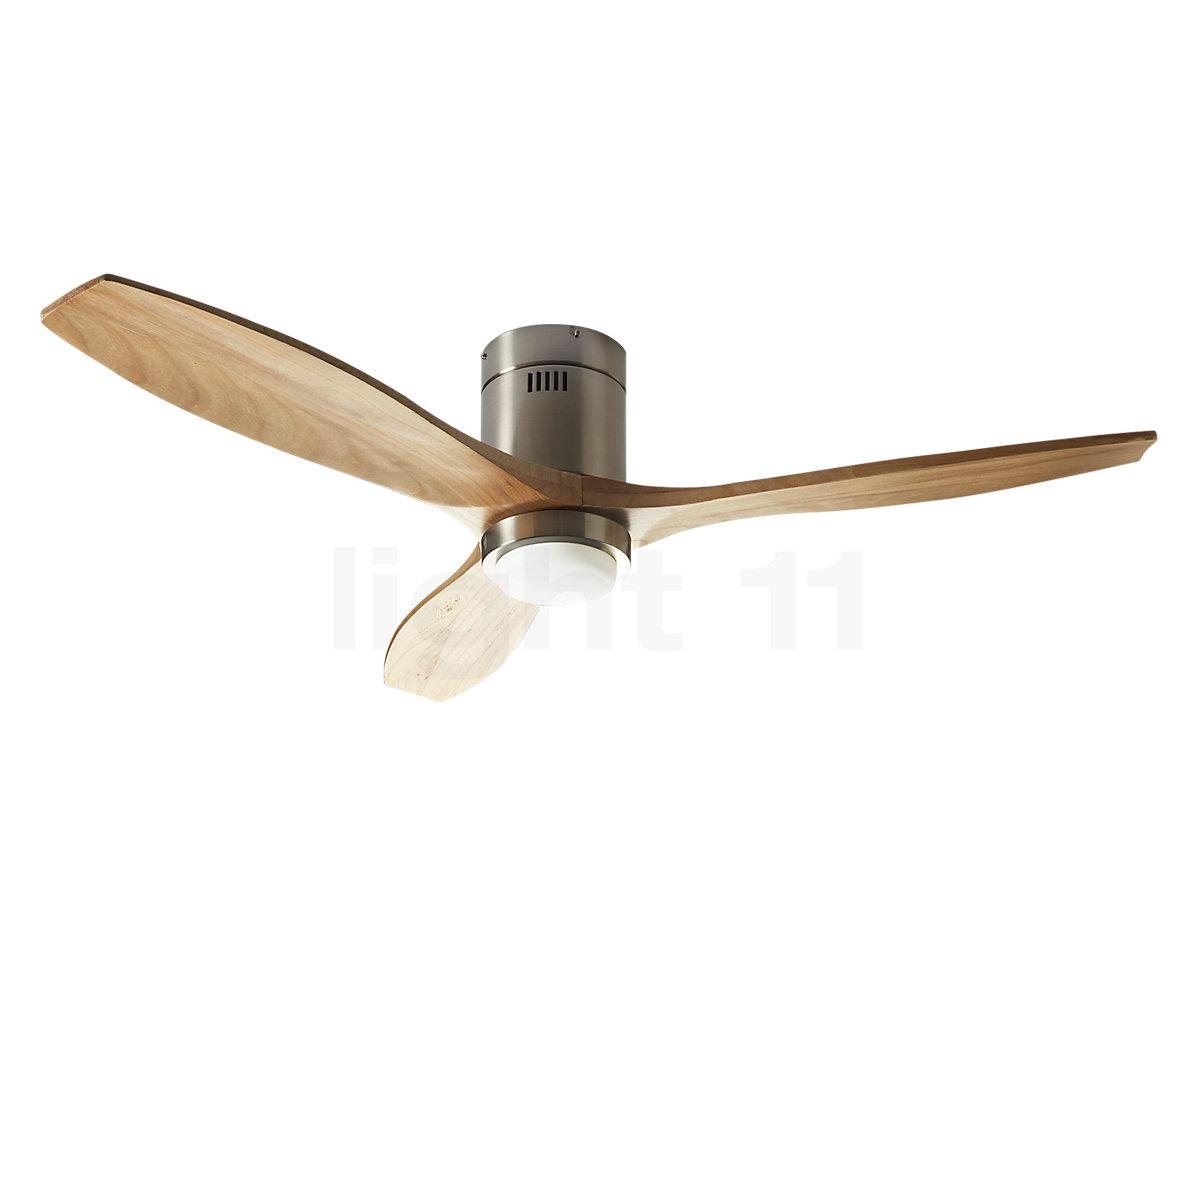 Ventilateur D Eclairage Leds C4 Stem Ventilateur De Plafond Led